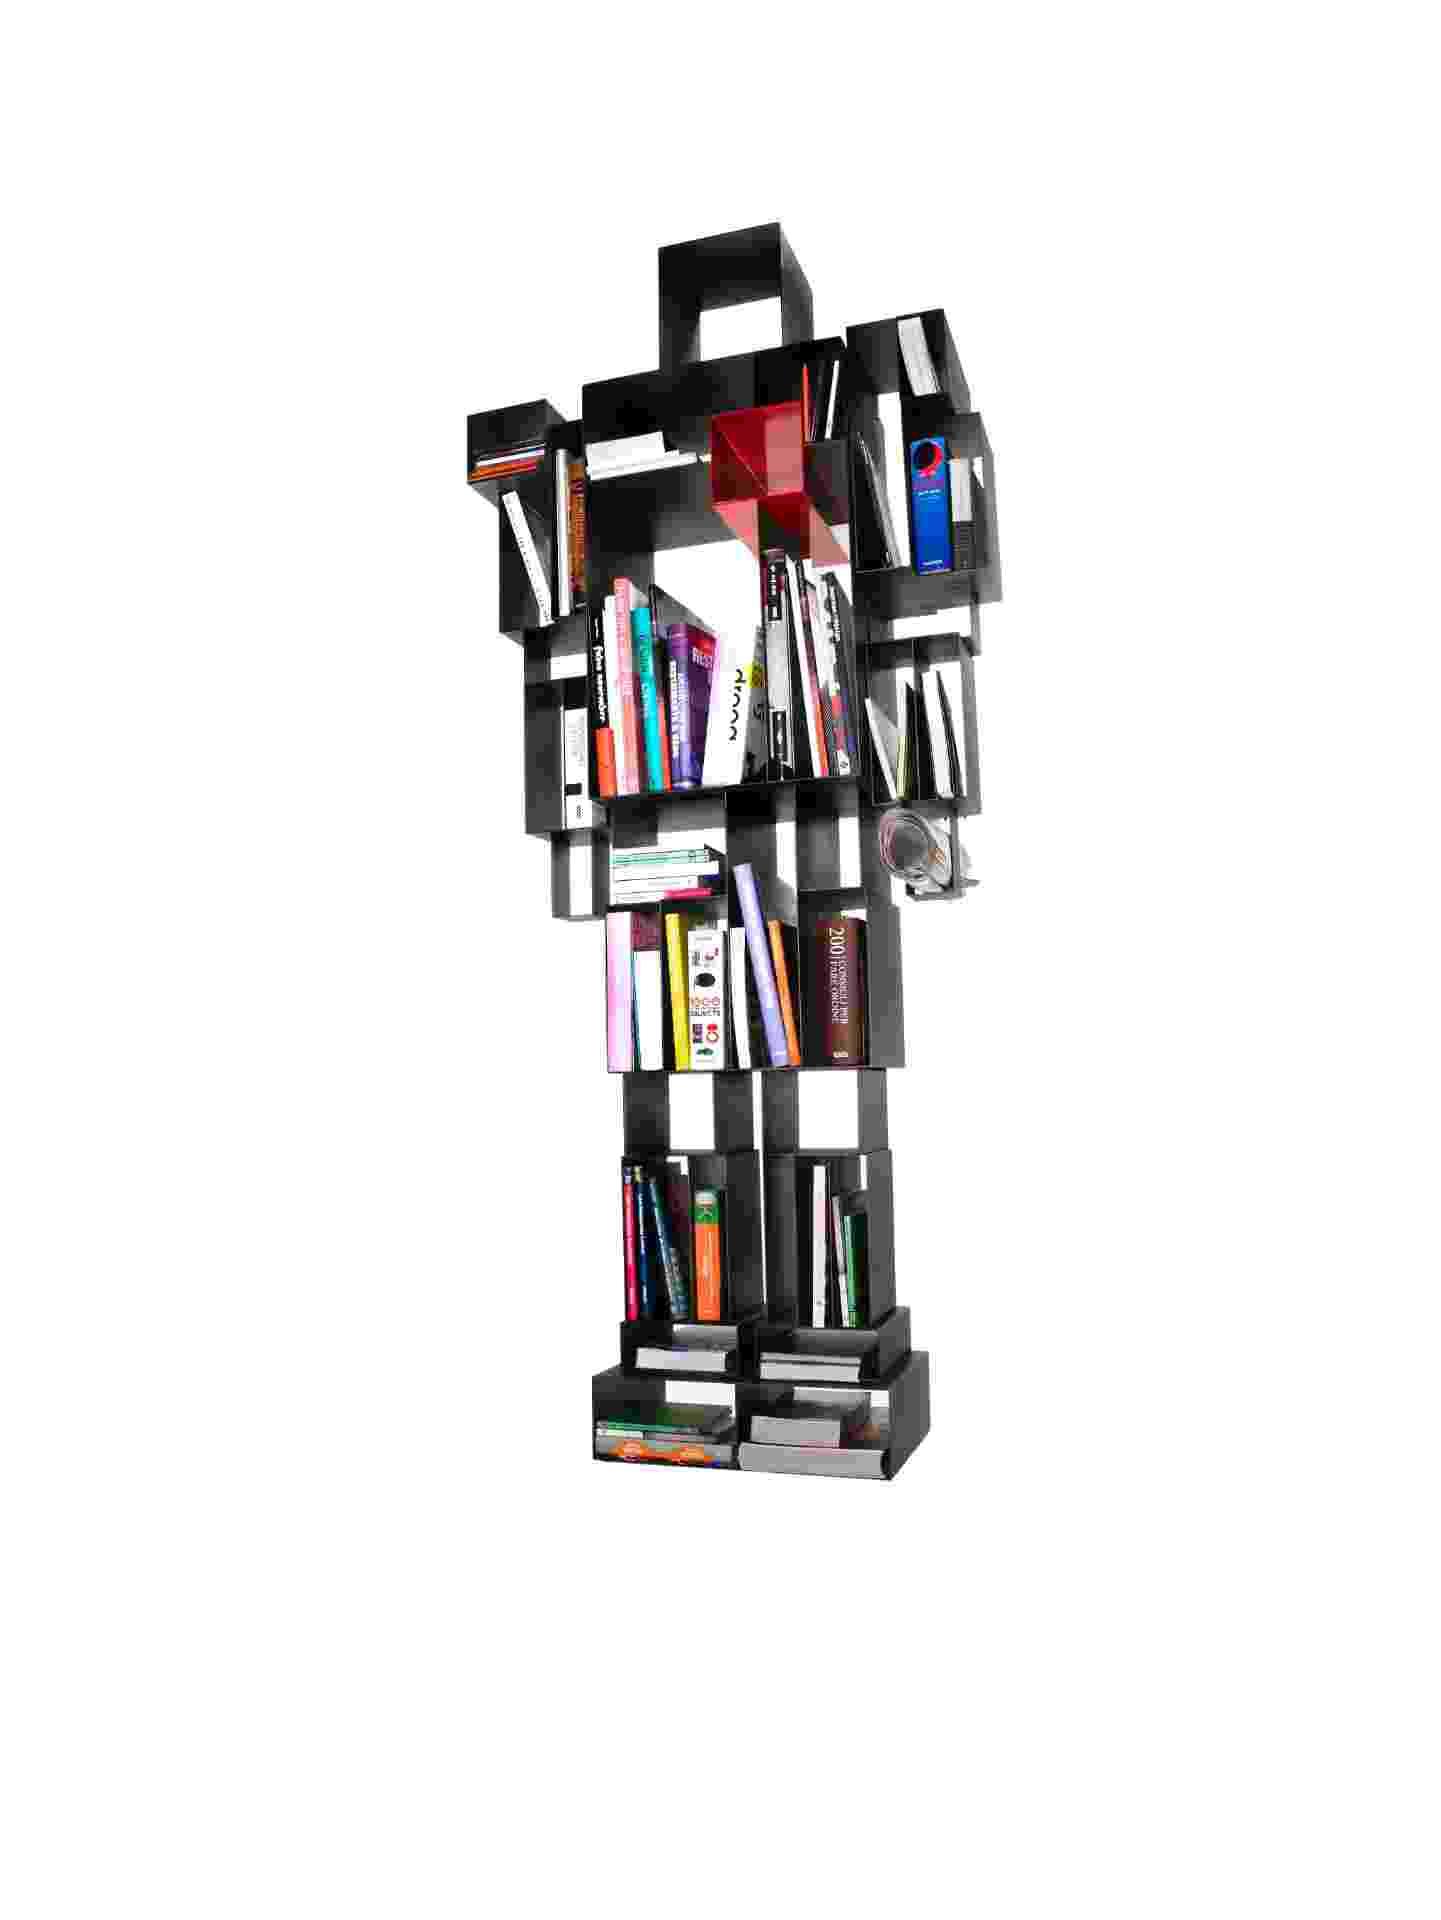 Da marca italiana Casamania, a estante Robox é vendida na Benedixt (www.benedixt.com.br) por R$ 17.600. A peça é fabricada em metal e mede 78 cm por 184 cm I Preços pesquisados em dezembro de 2012 e sujeitos a alterações - Divulgação